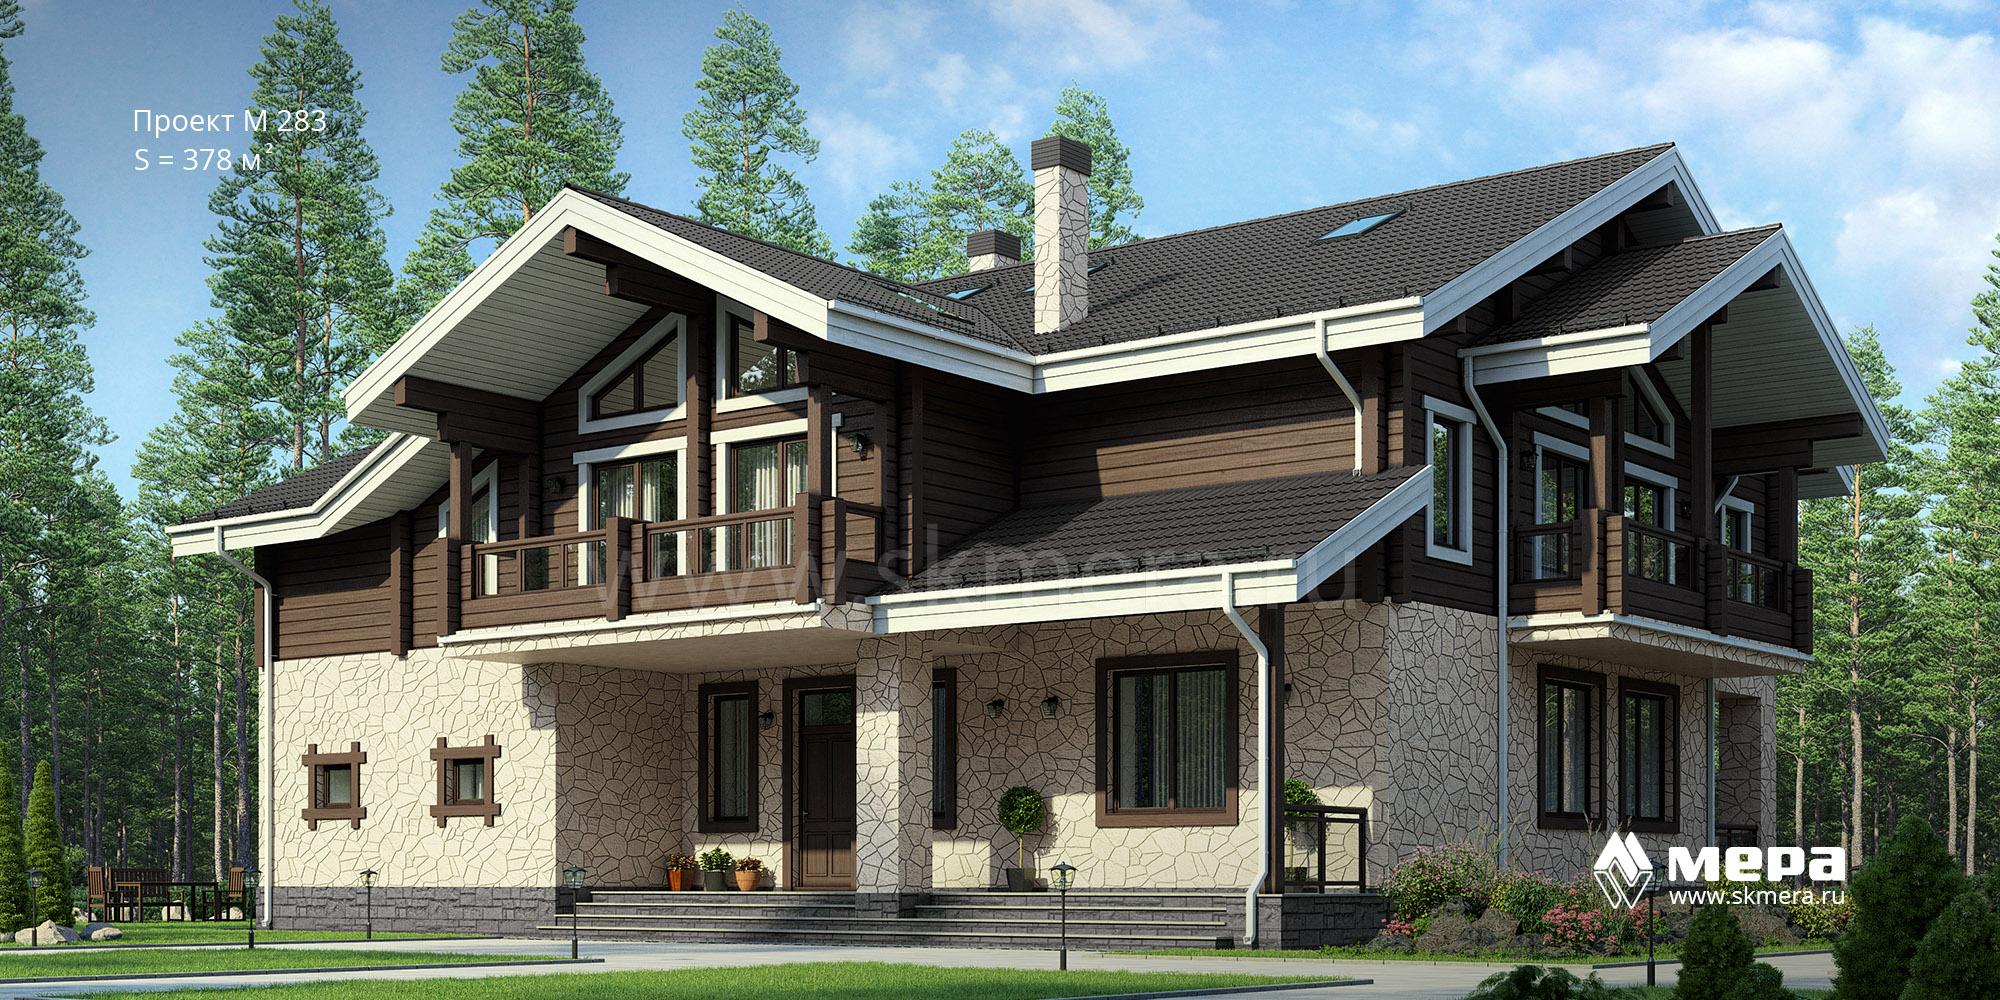 Комбинированный дом по проекту M283